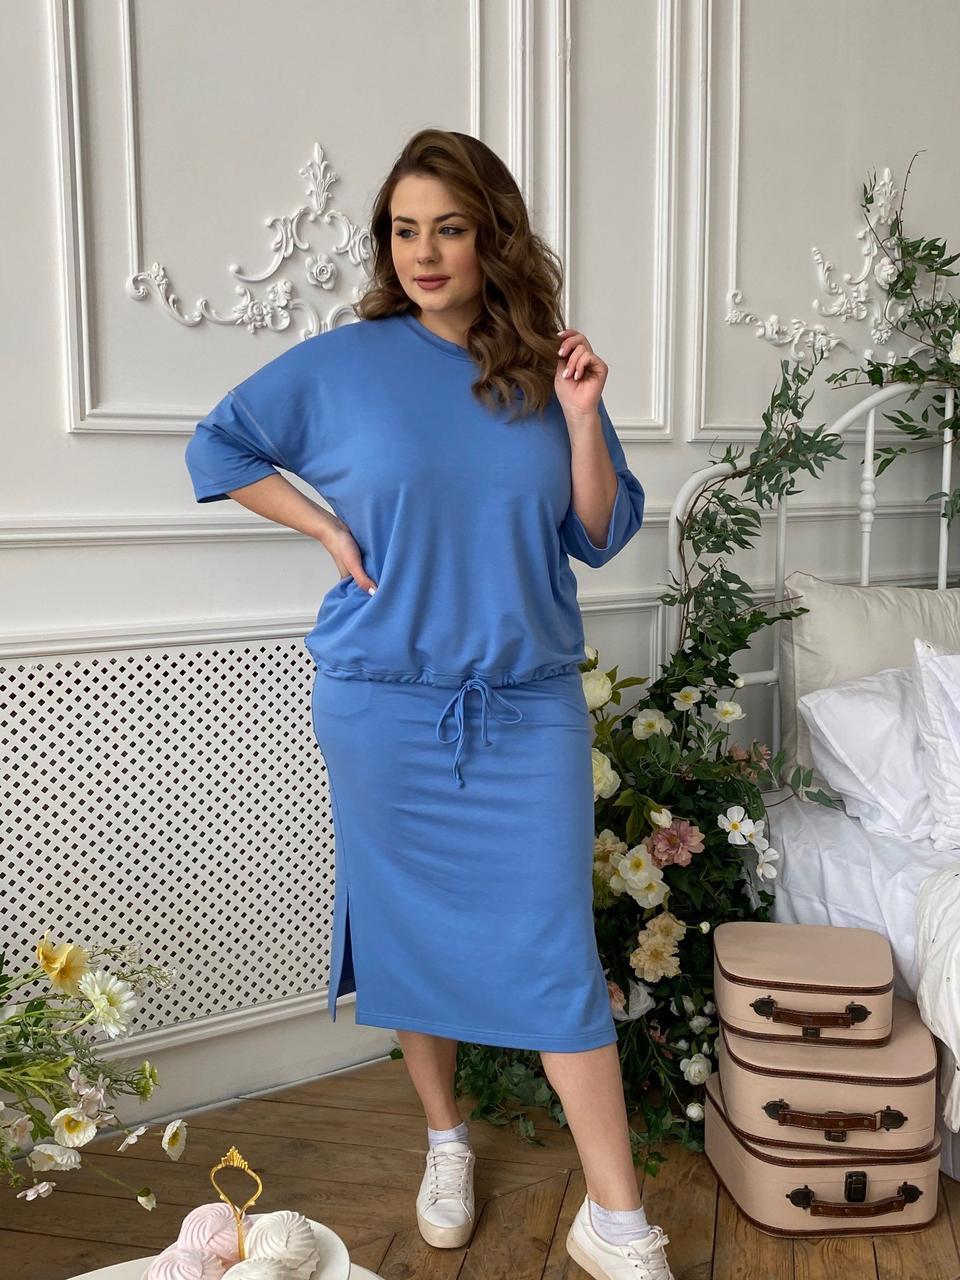 Модний стильний женский костюм большого размера  2021 цвет: Голубой, размер: 58-60, 50-52, 62-64, 54-56, 66-68